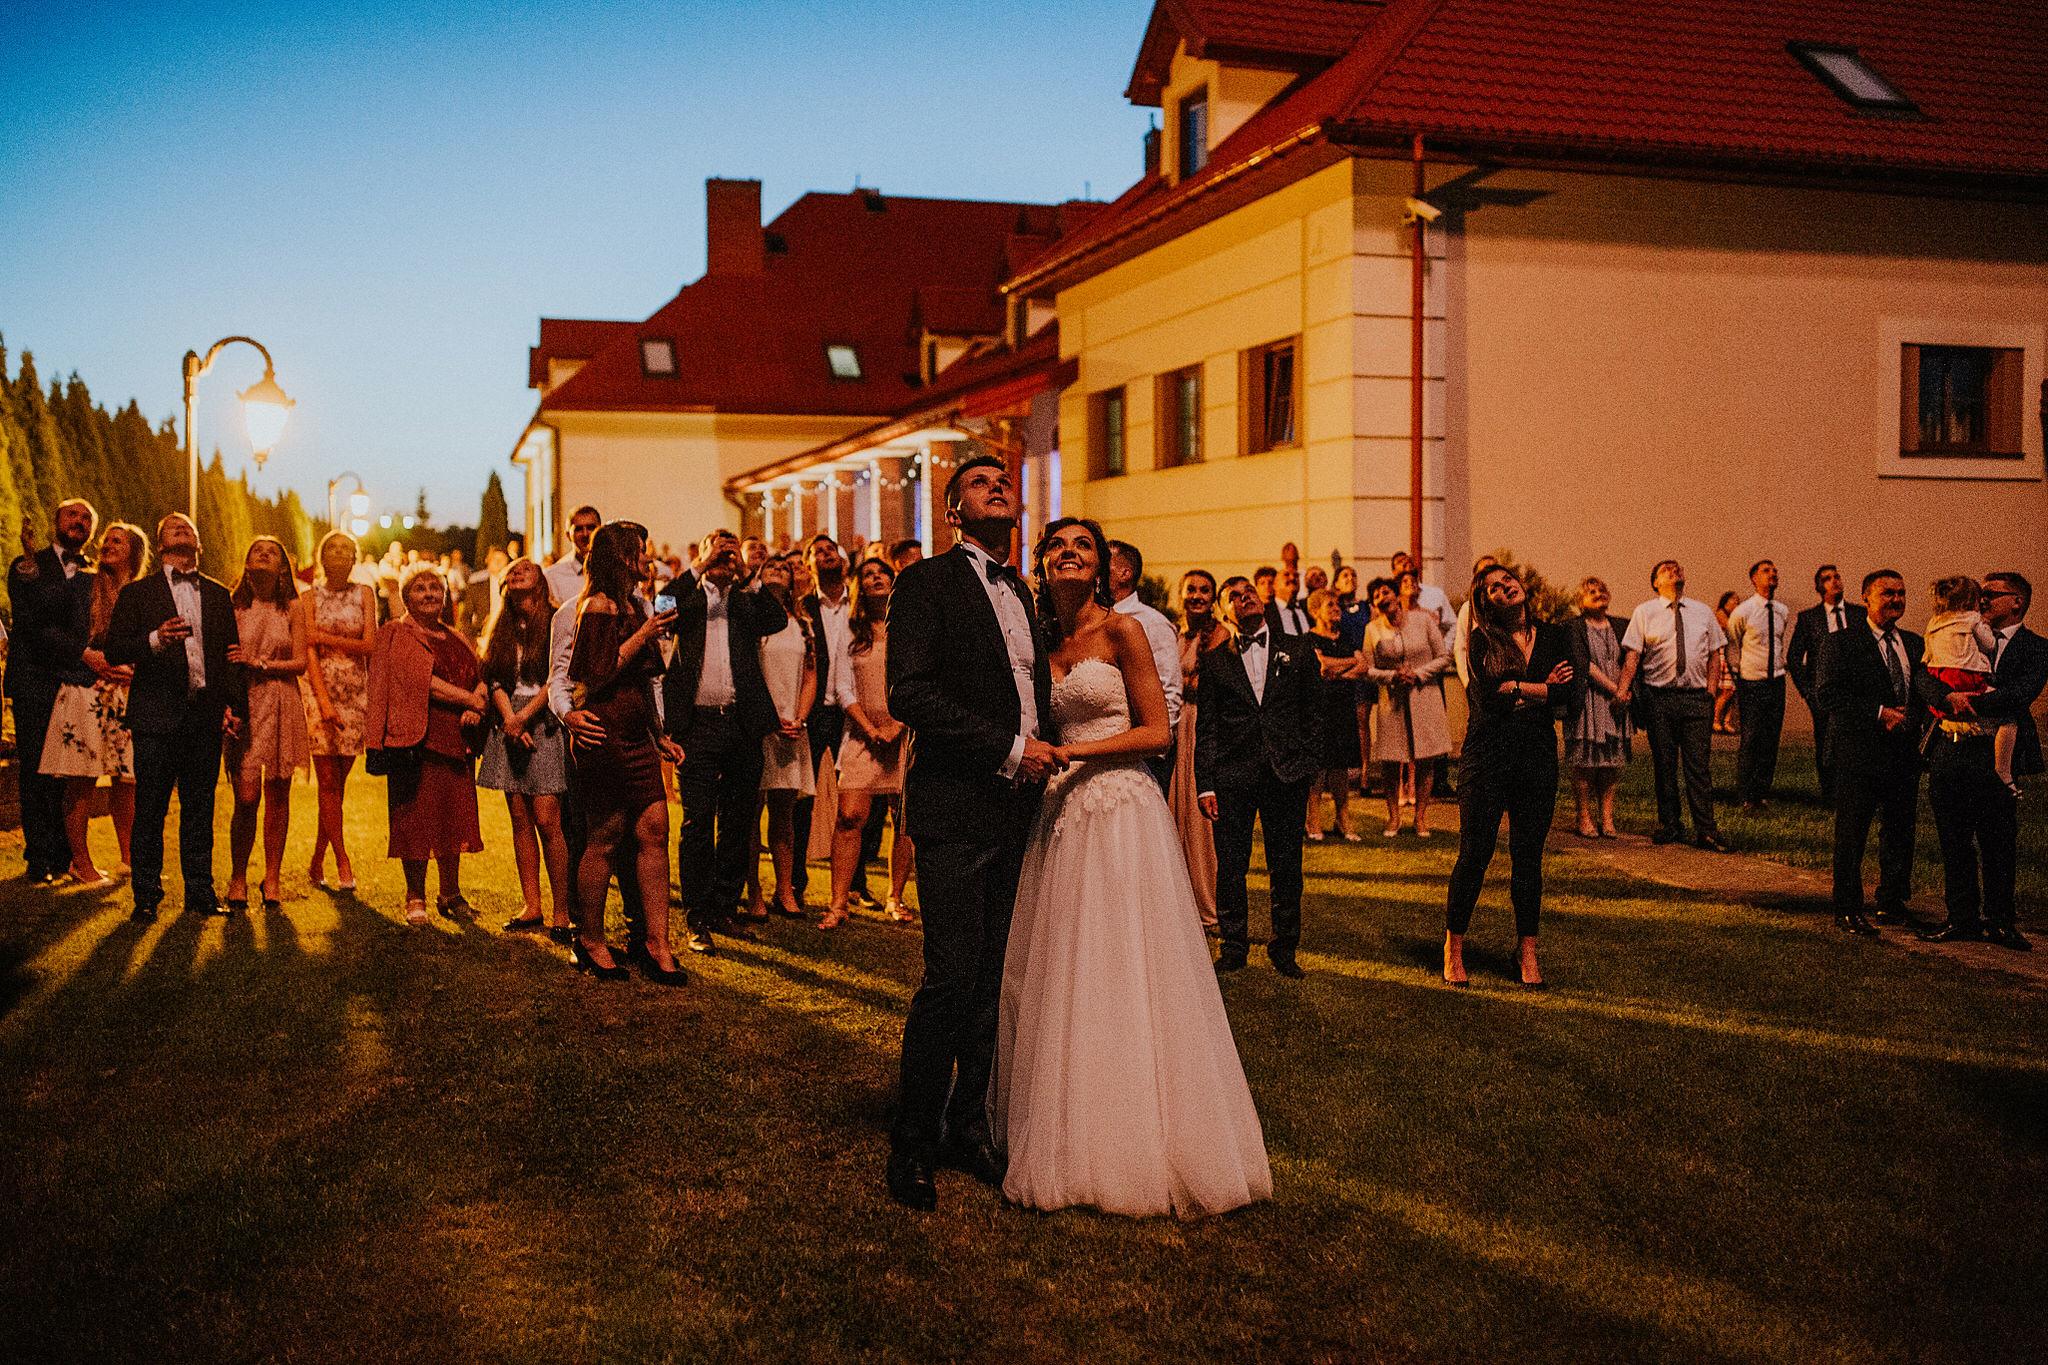 sandramarcin fotograf Karol Nycz www.karolnycz.com 536